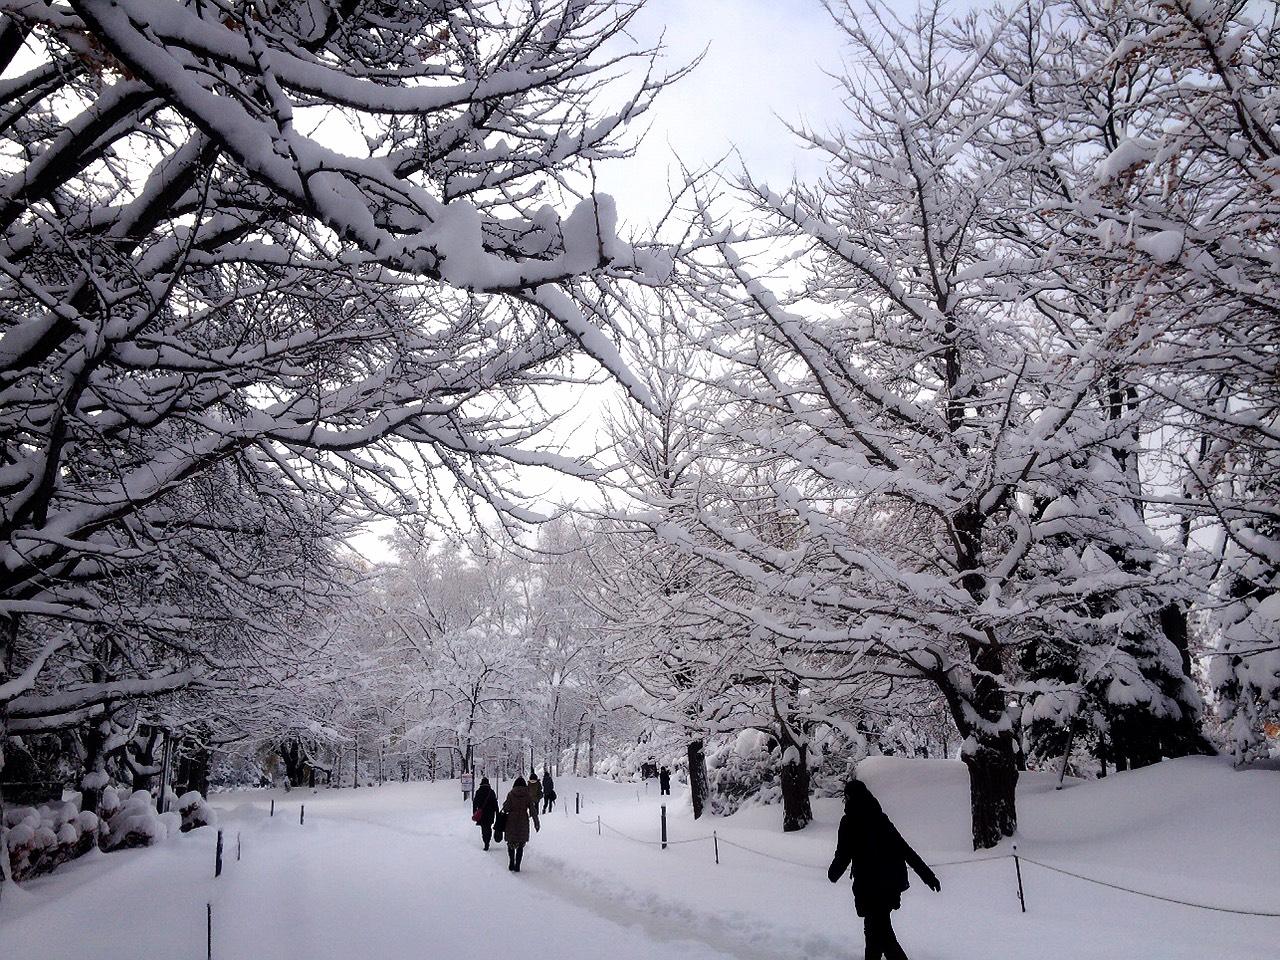 札幌は2日前の24日からすっかり雪景色!